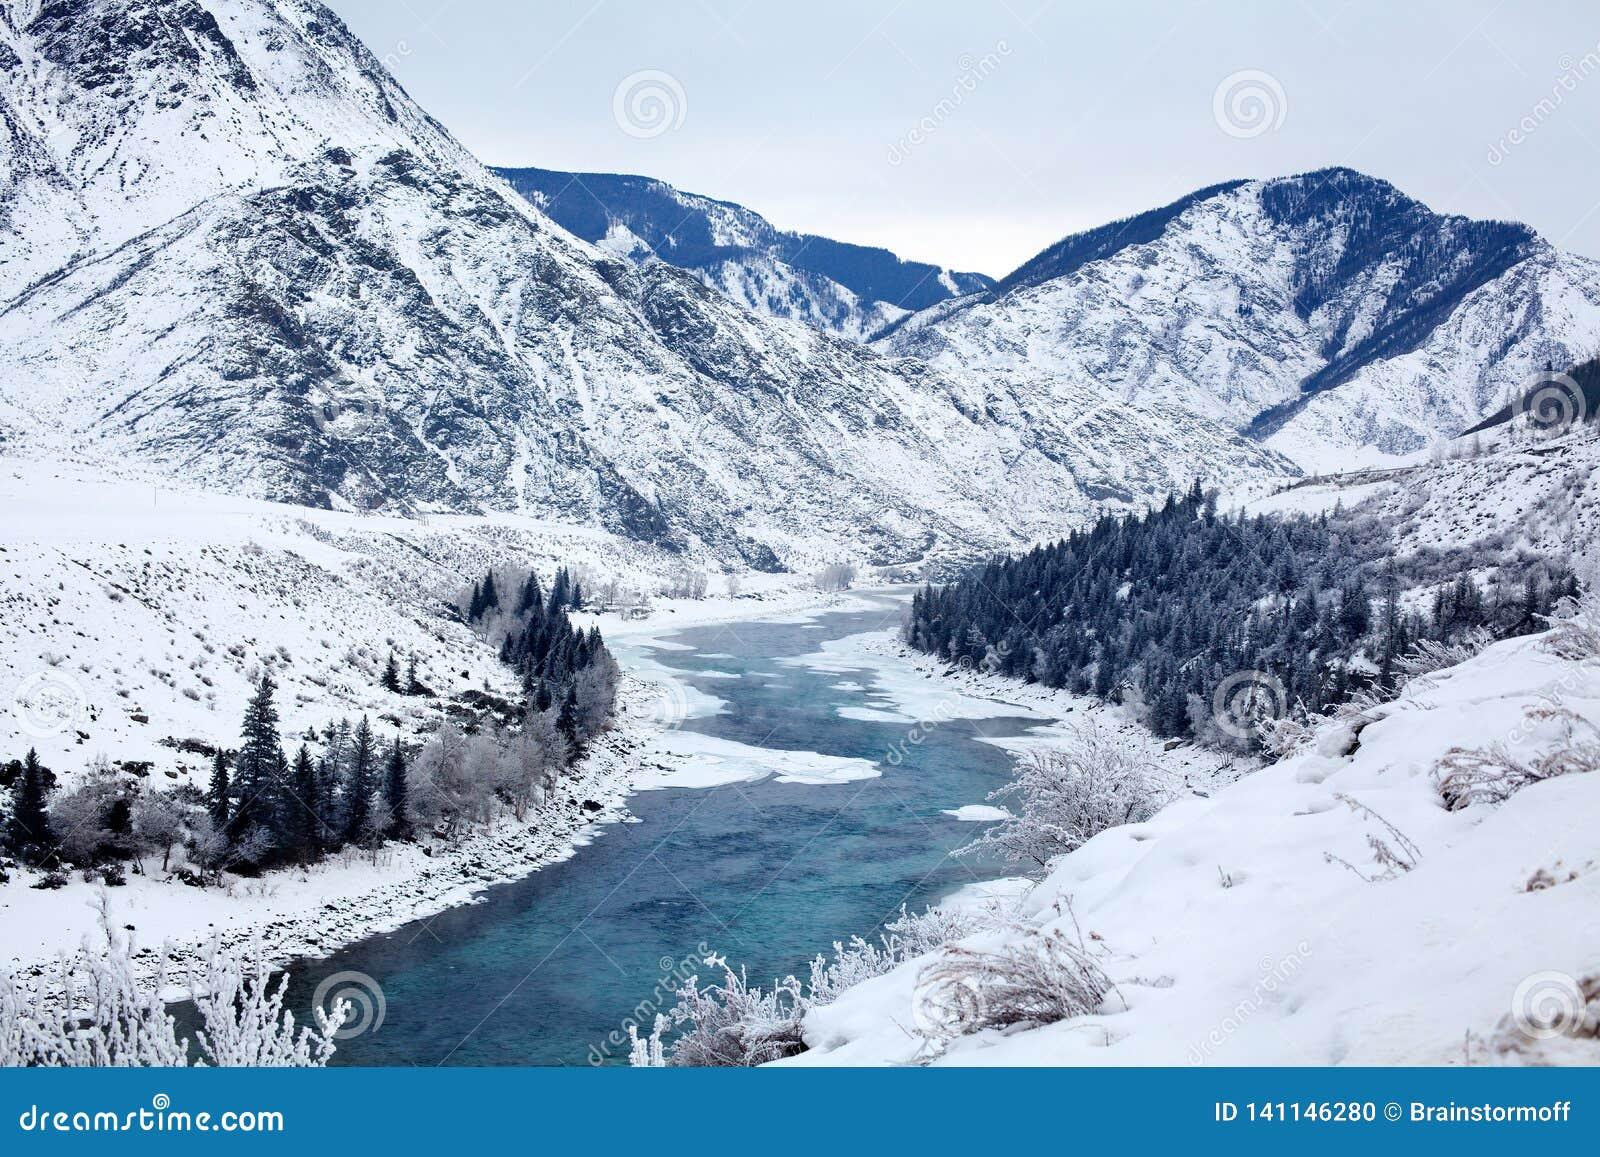 Paisagem excitante da montanha do inverno, corredor entre as inclinações de montanha, neve branca do rio de turquesa, floresta do